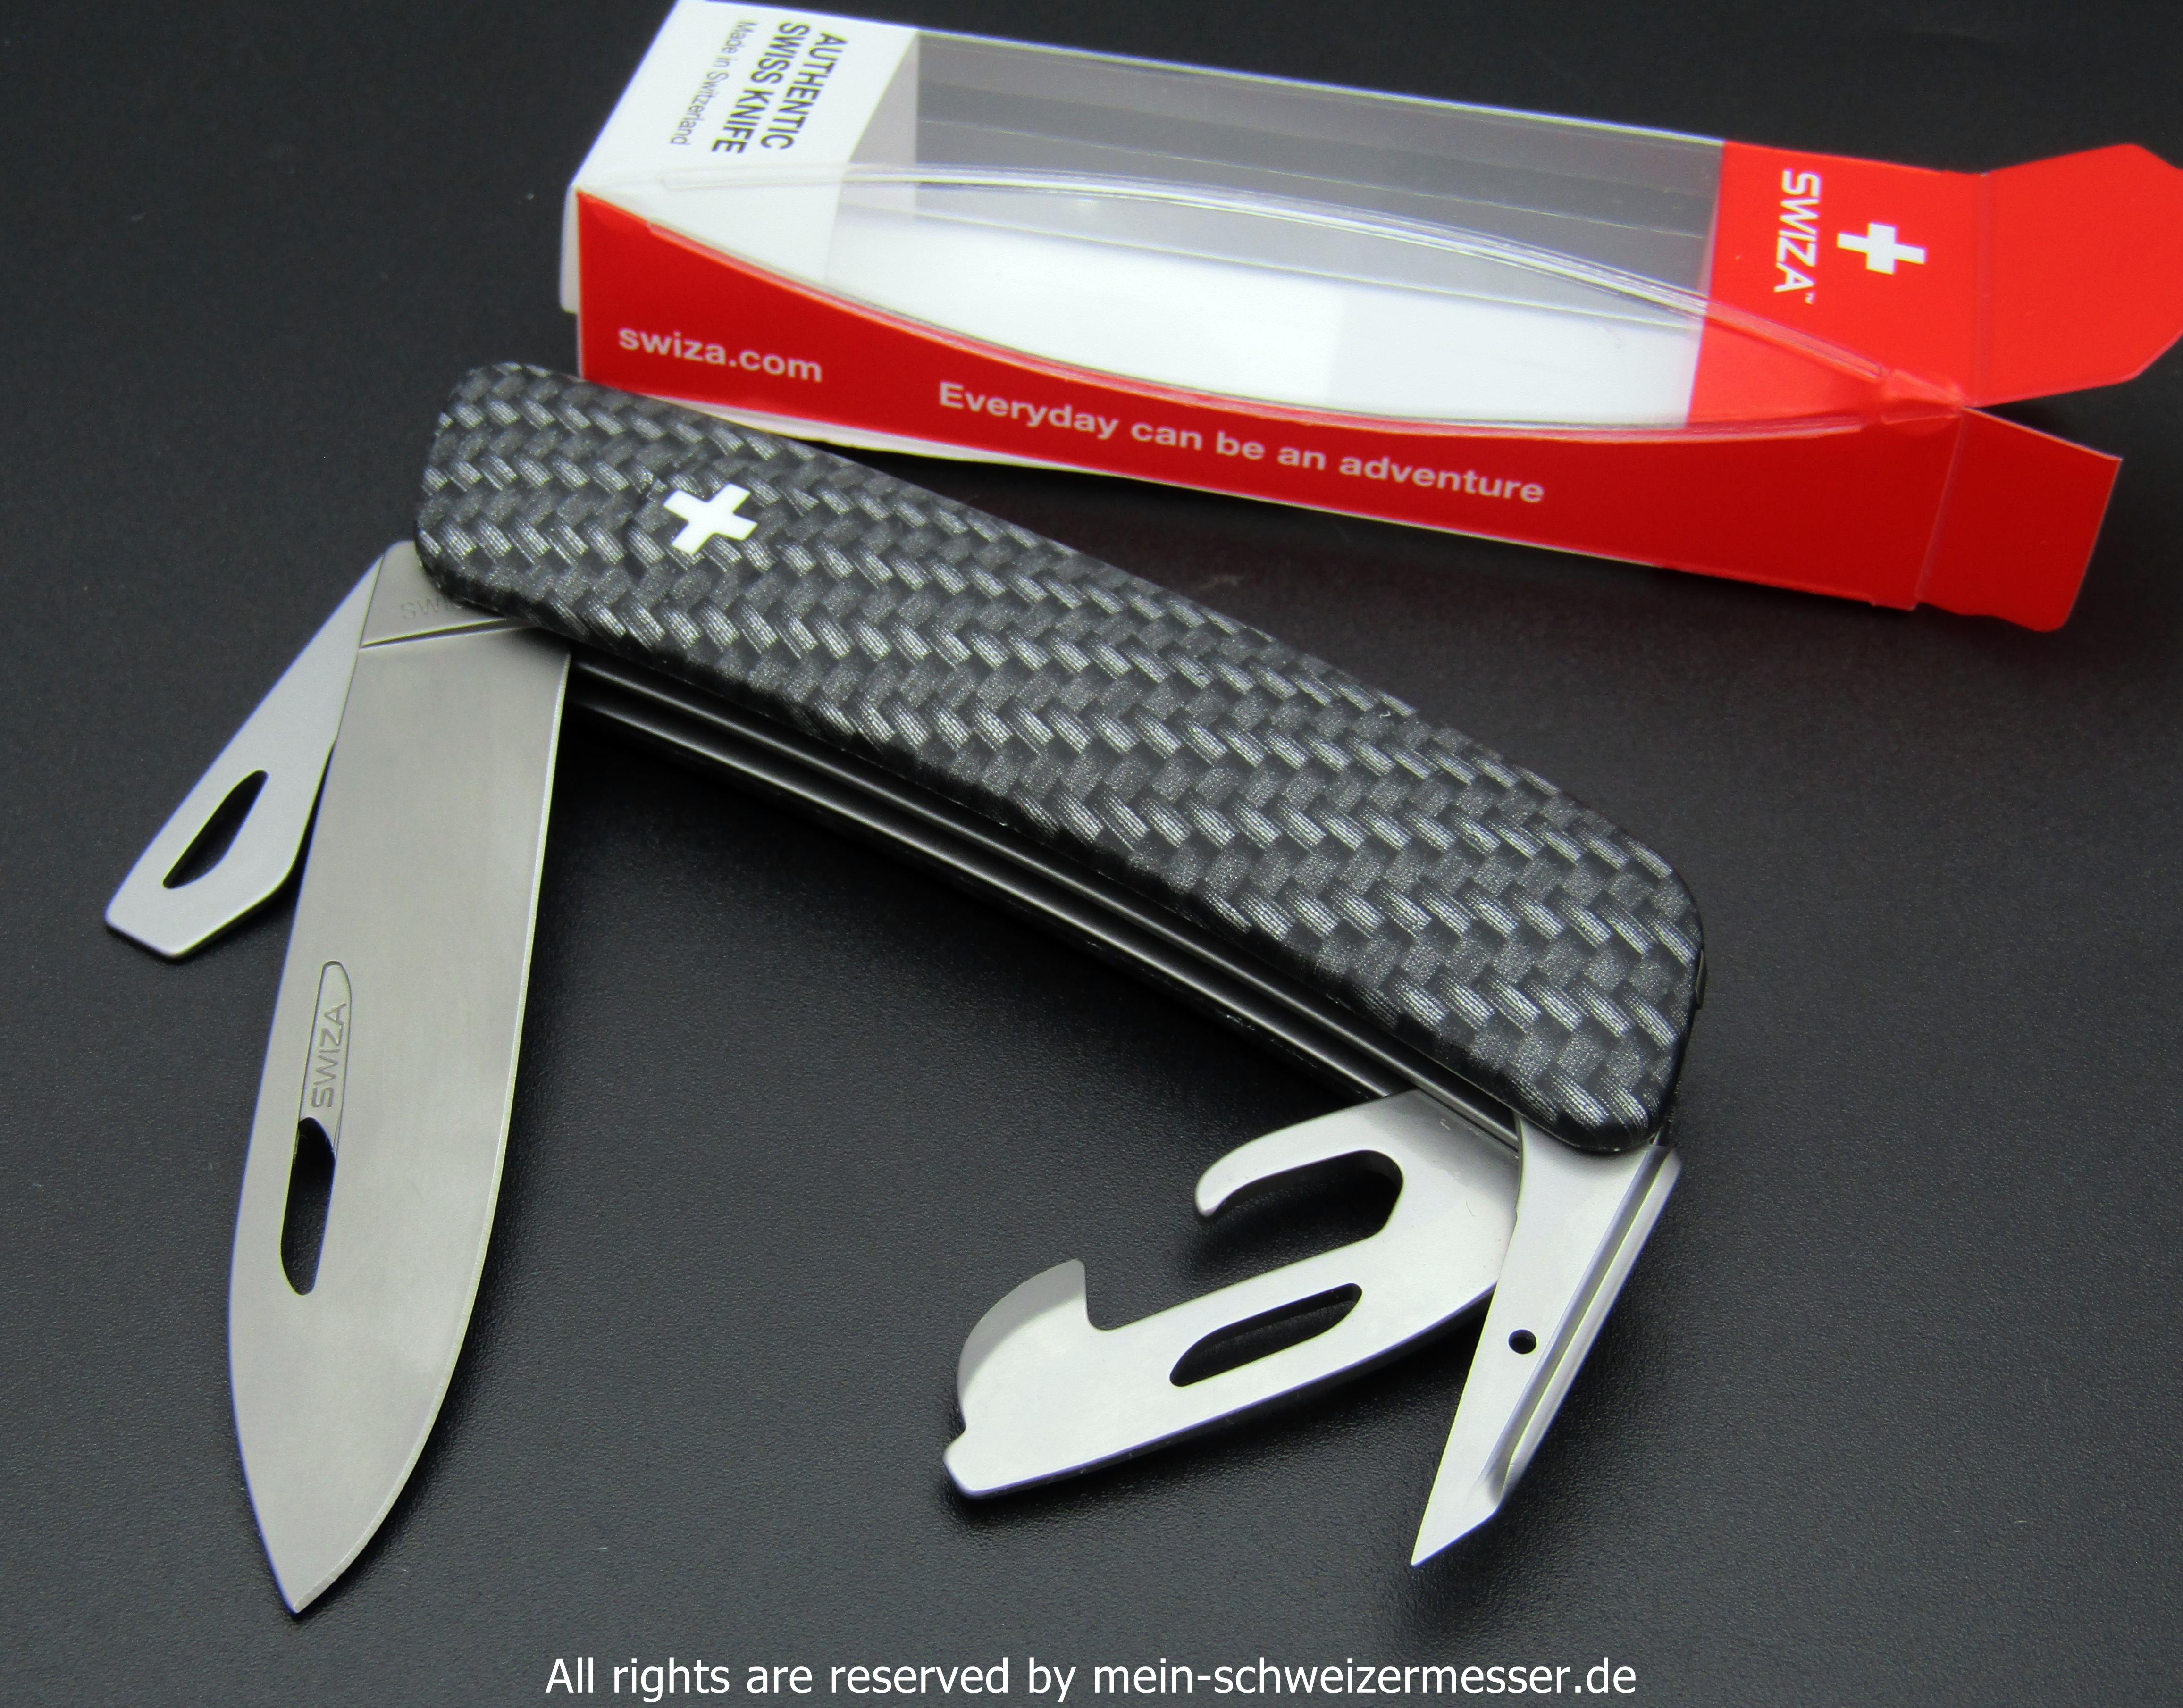 Mein Schweizermesser Swiss Army Knife Swiza D03 In